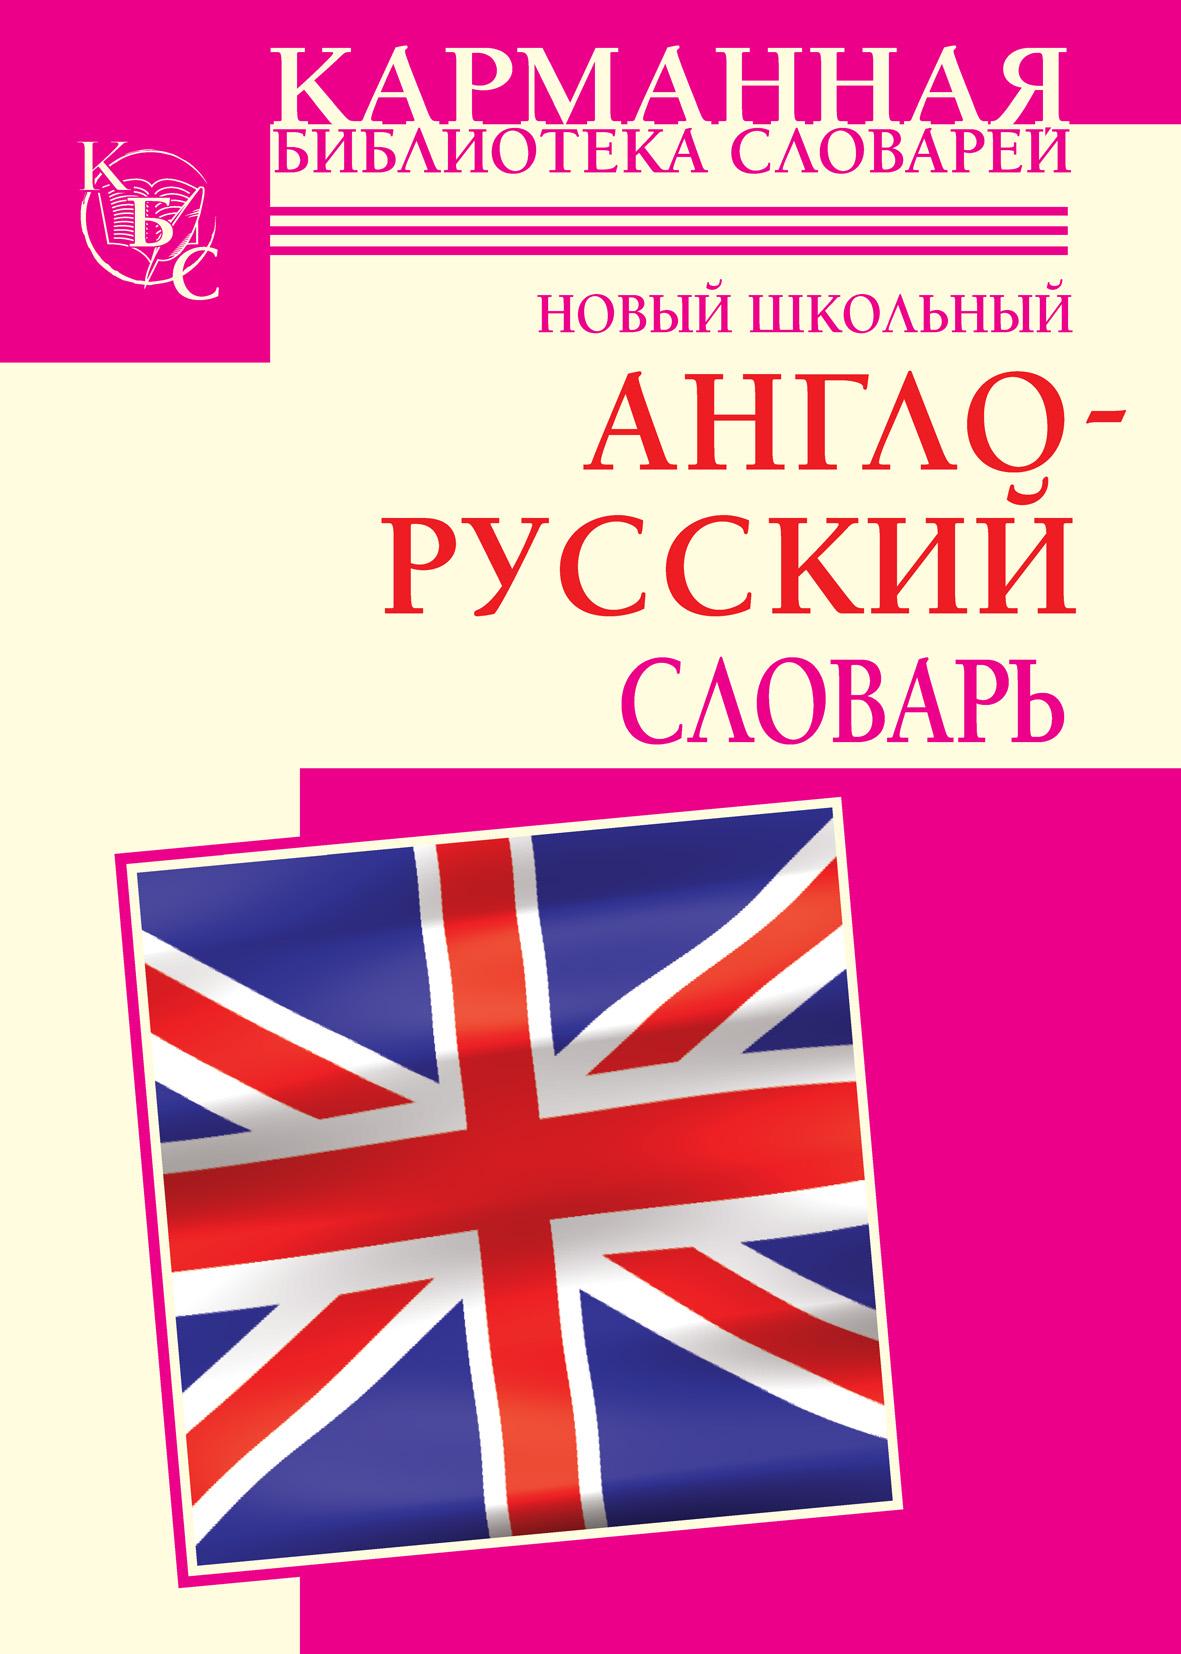 Г. П. Шалаева Новый школьный англо-русский словарь г п шалаева большой современный англо русский словарь с транскрипцией